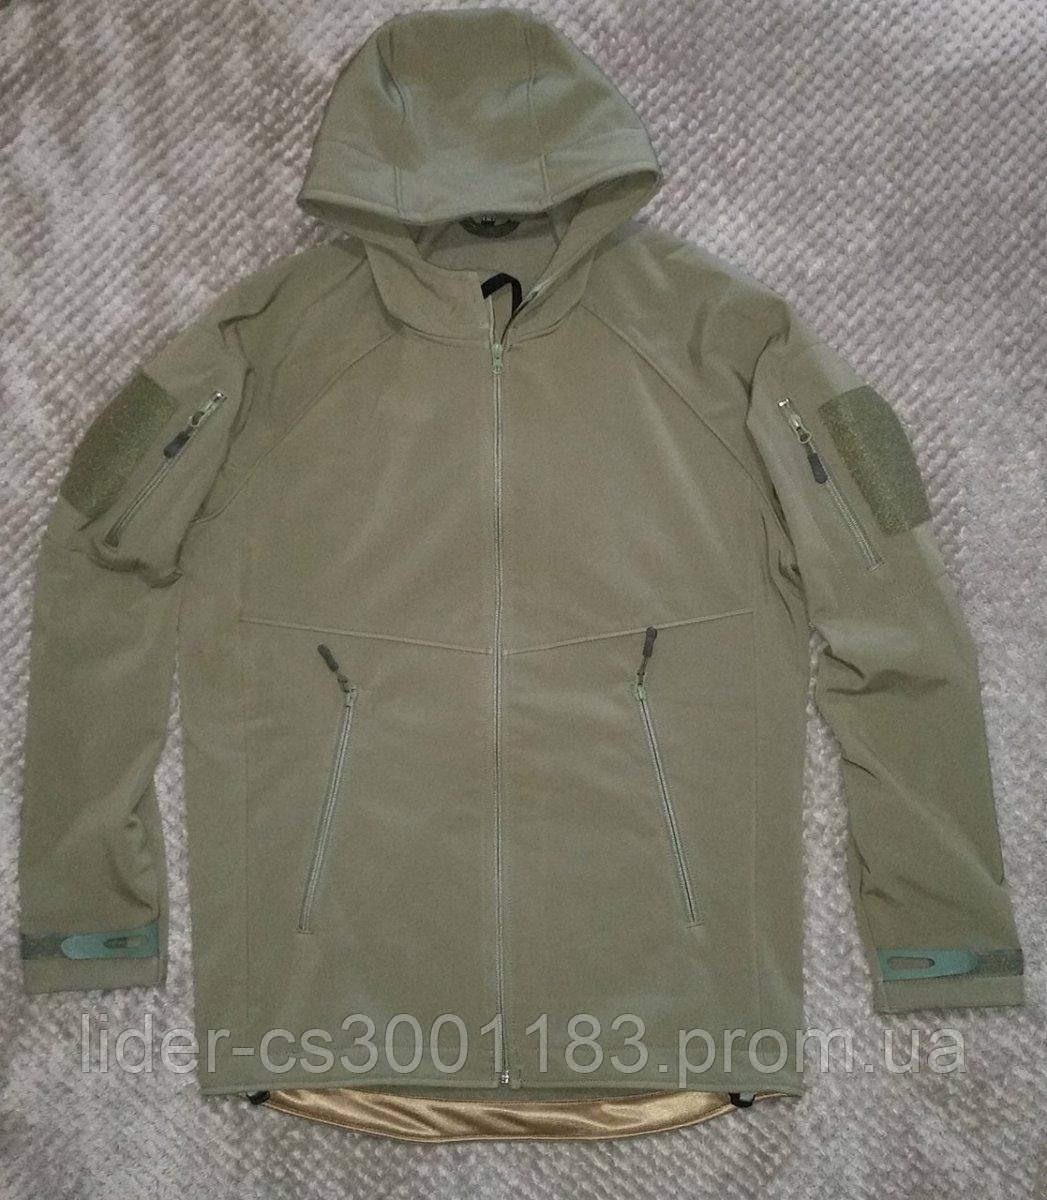 Тактическая куртка с капюшоном софтшелл SoftShell Olive